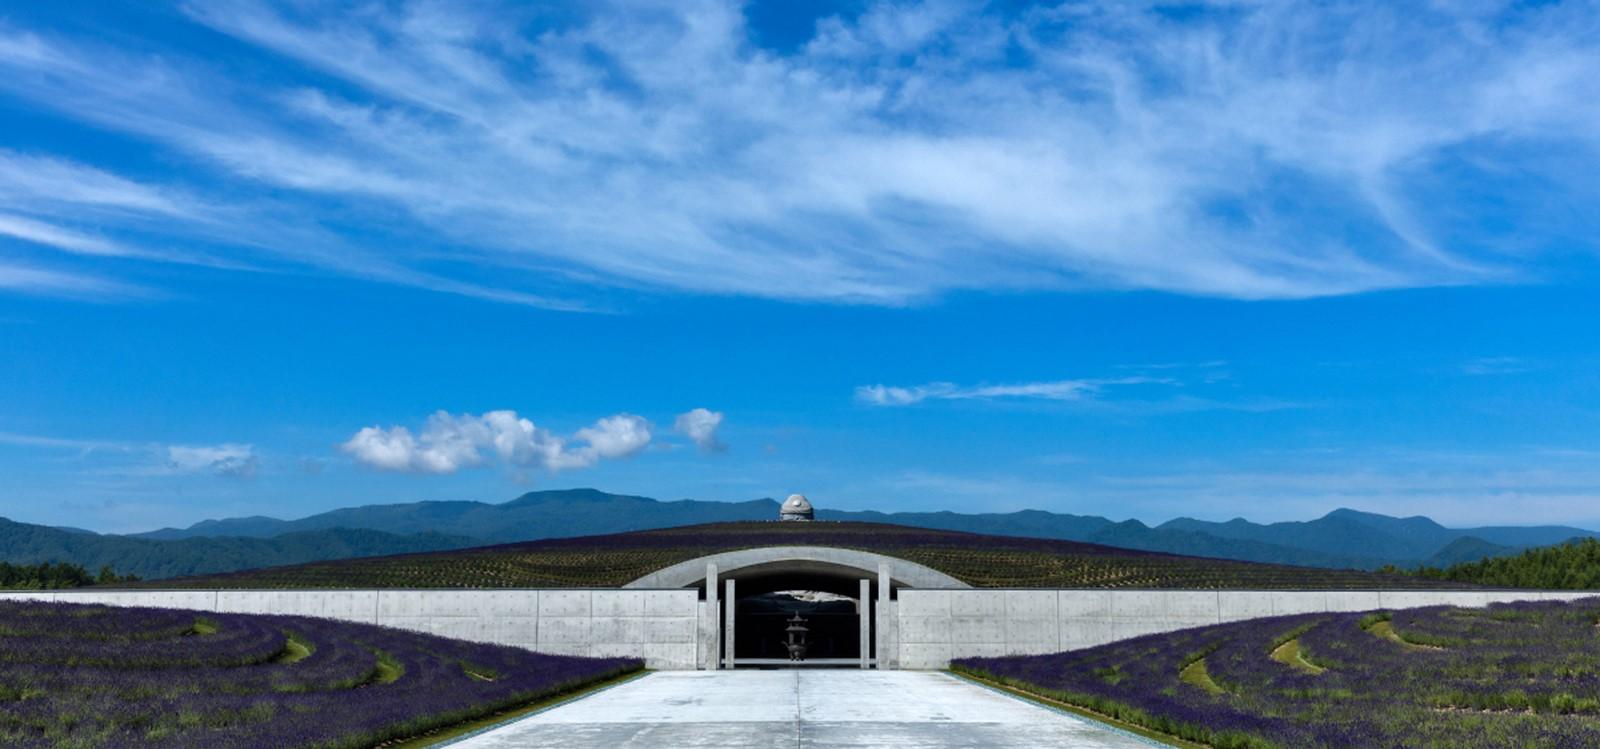 Tadao Ando, Japan - Sheet4